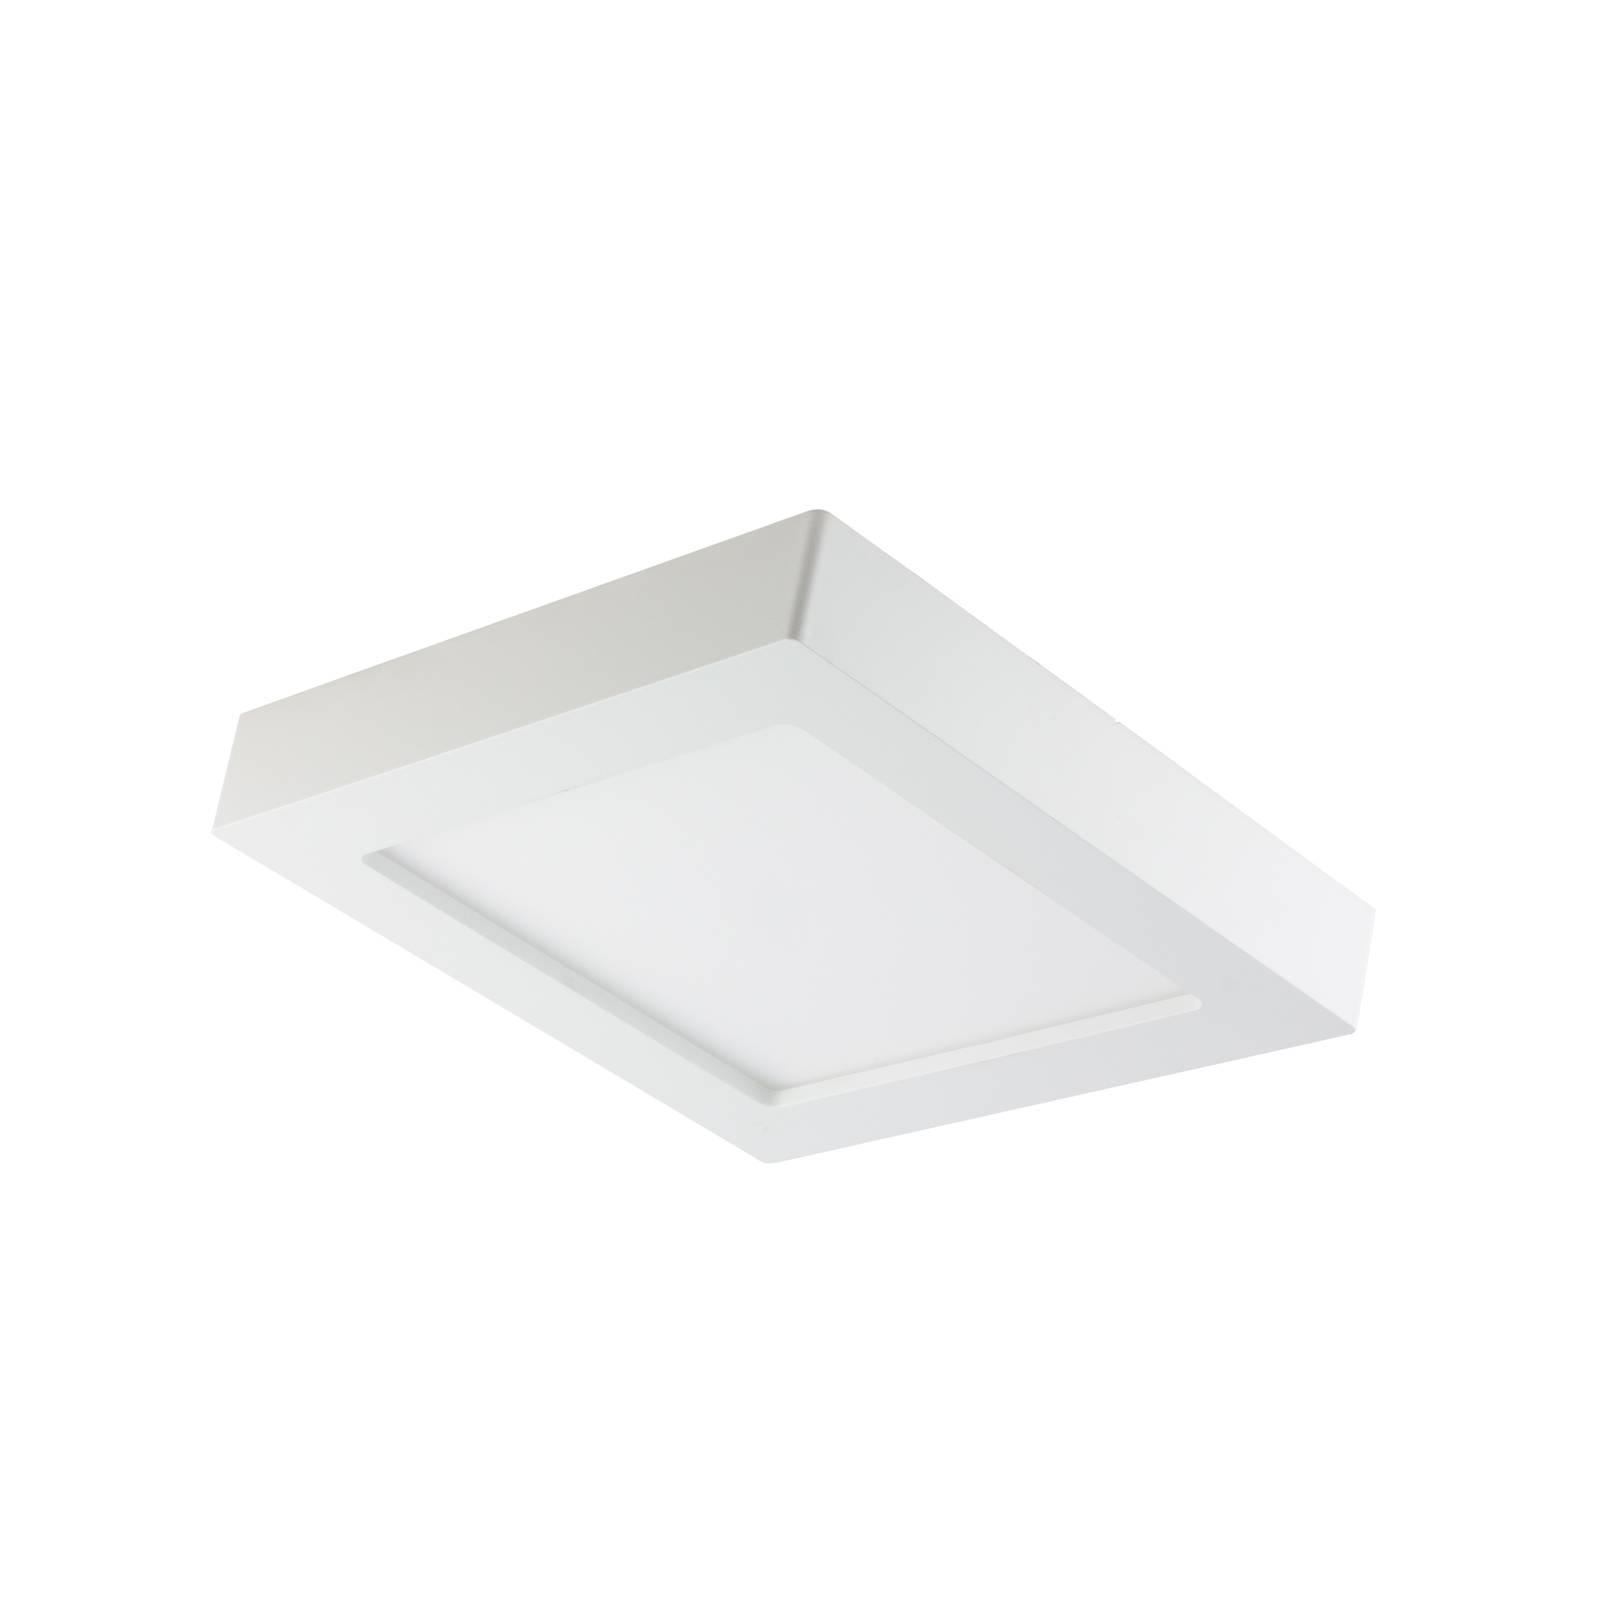 PRIOS Prios Alette stropné LED, biele 22,7cm 18W